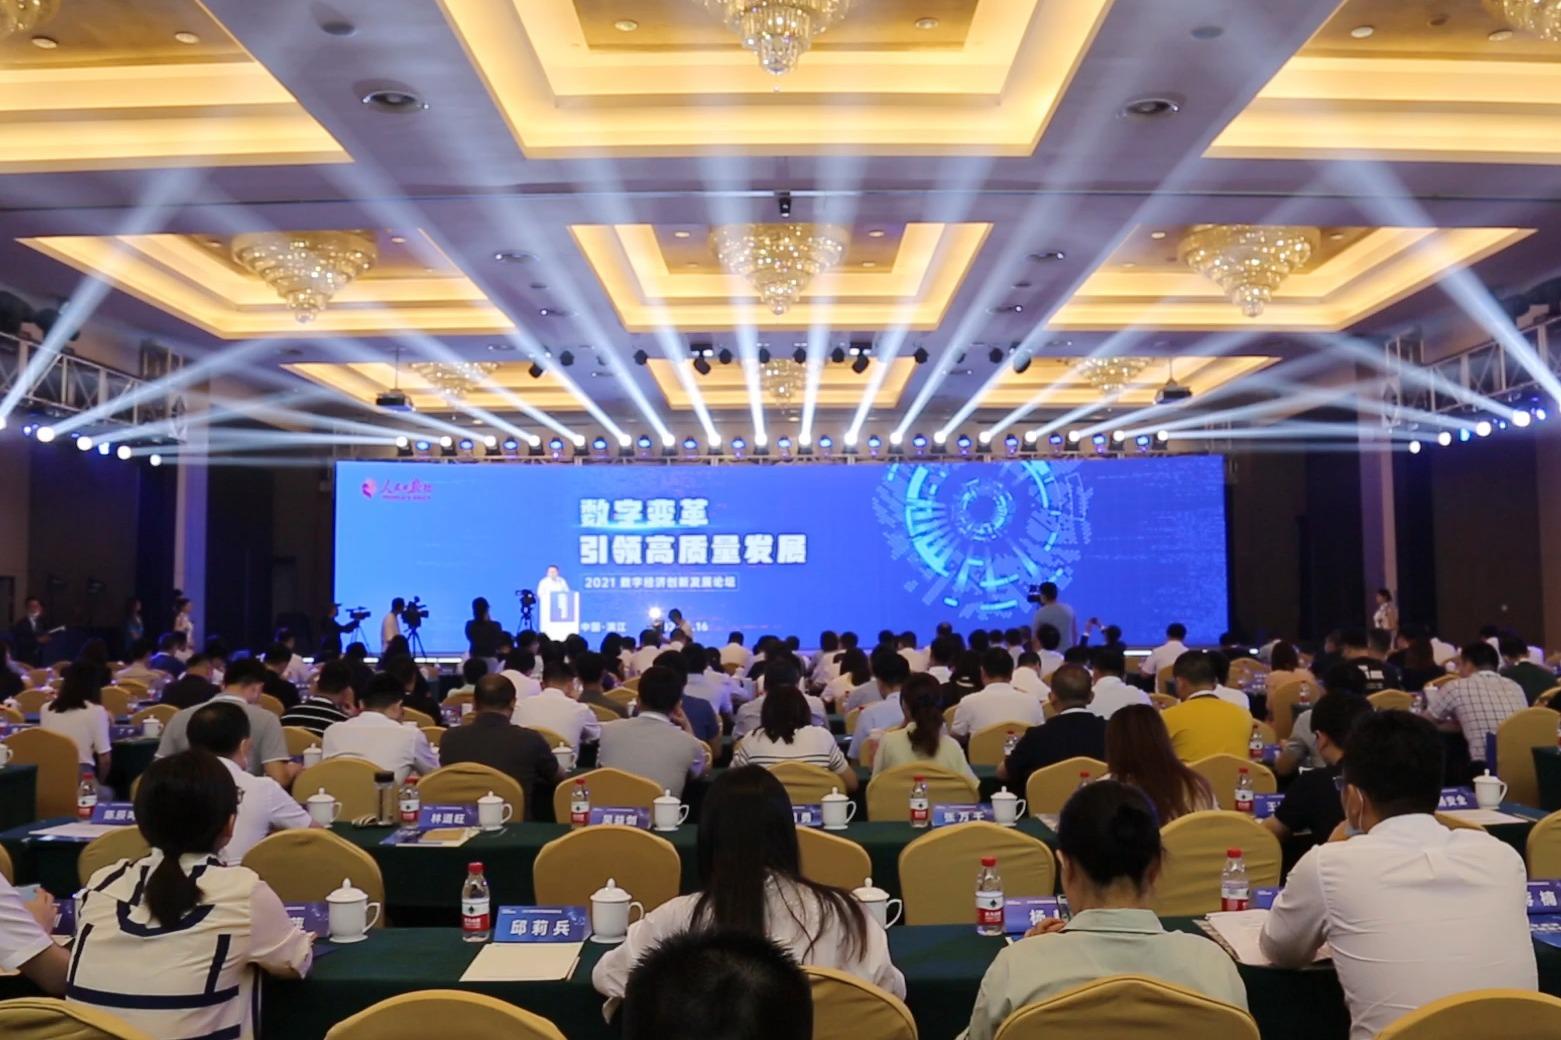 视频 | 2021数字经济创新发展论坛在浙江举行